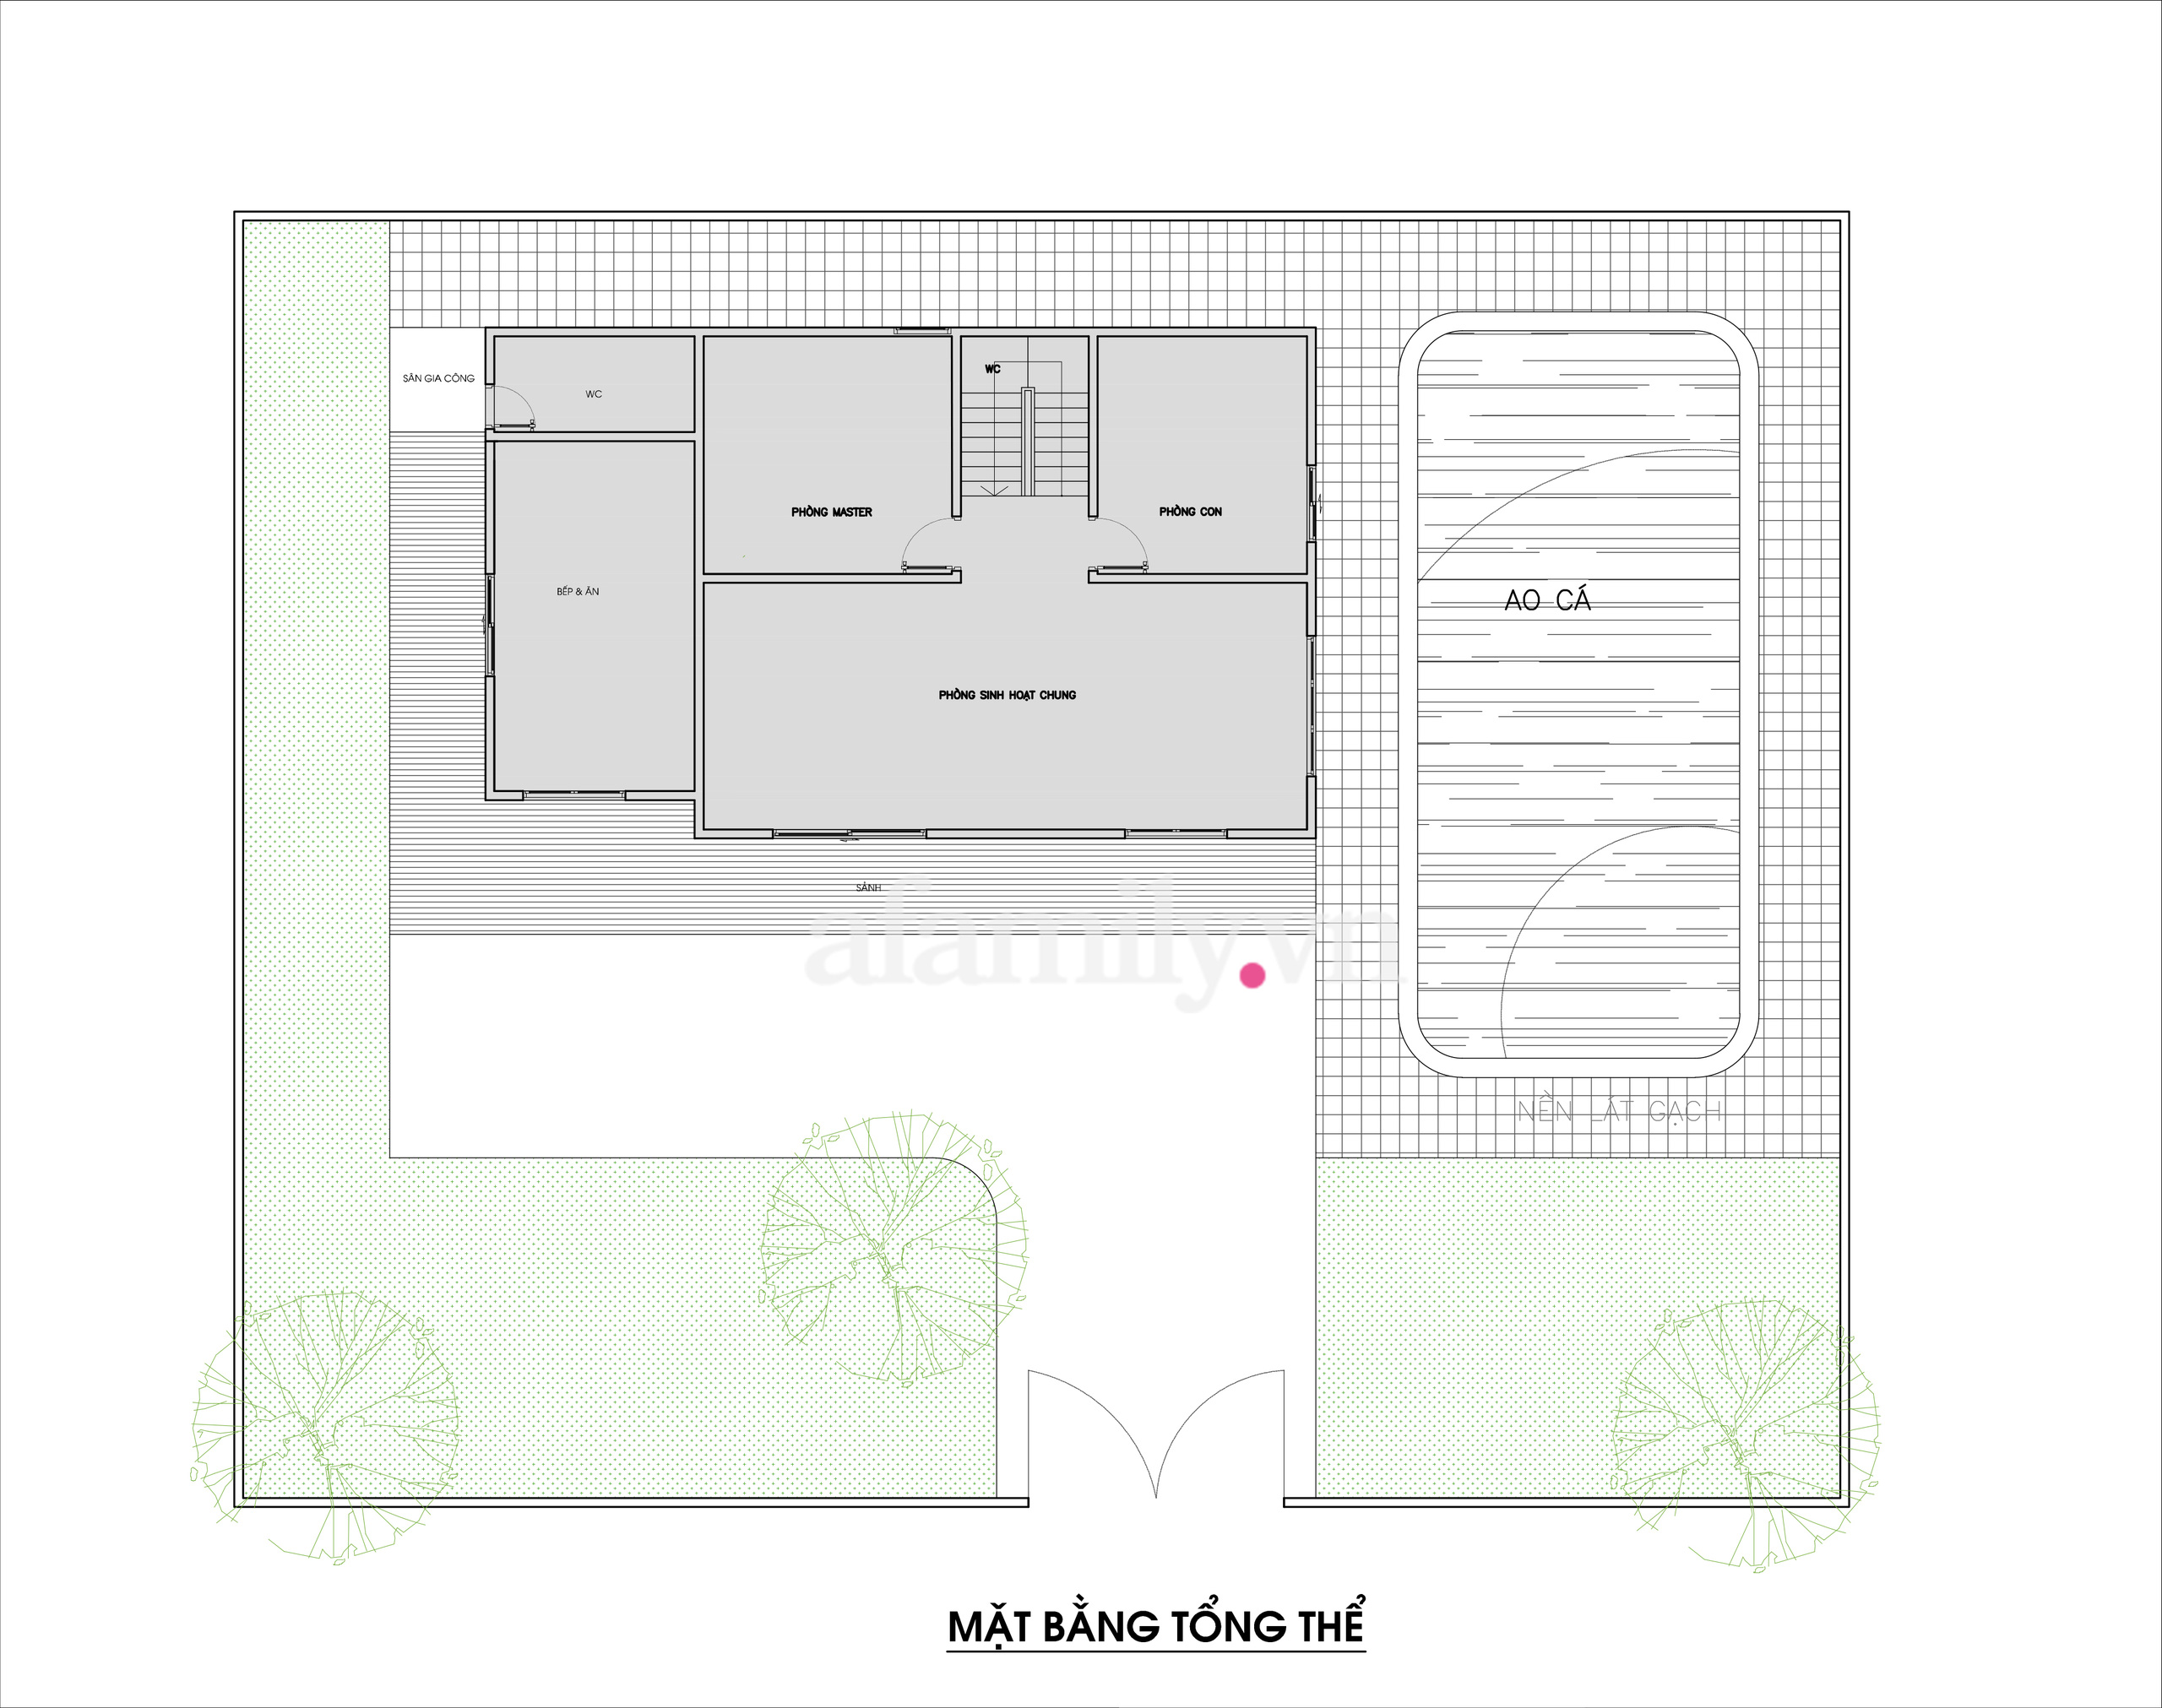 Kiến trúc sư tư vấn thiết kế nhà cấp 4 ở quê diện tích 500m² với chi phí 210 triệu đồng - Ảnh 2.